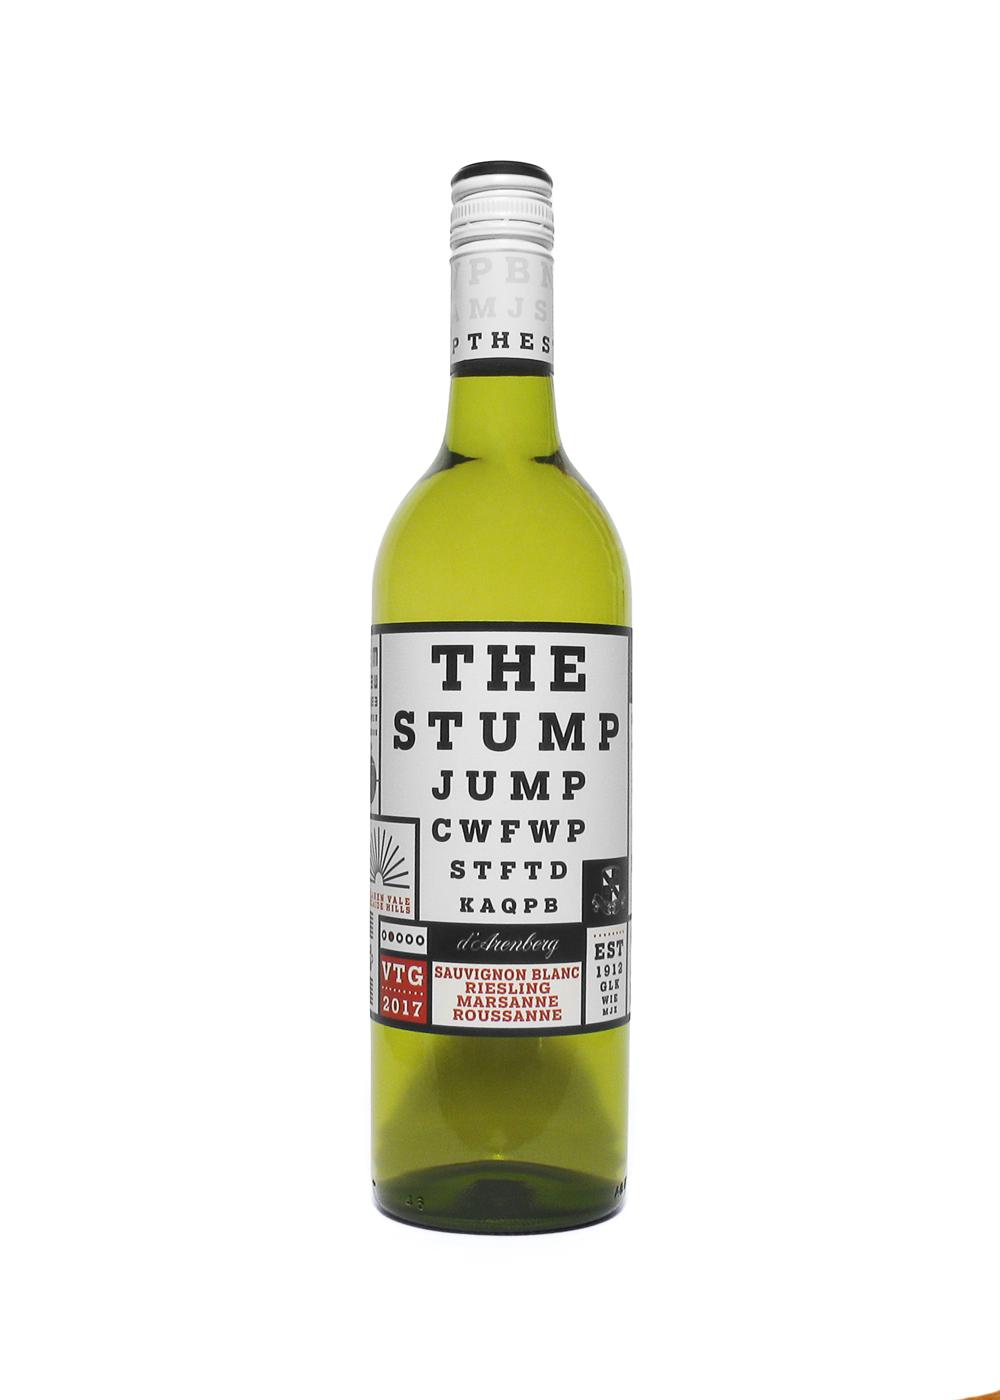 The Stump Jump